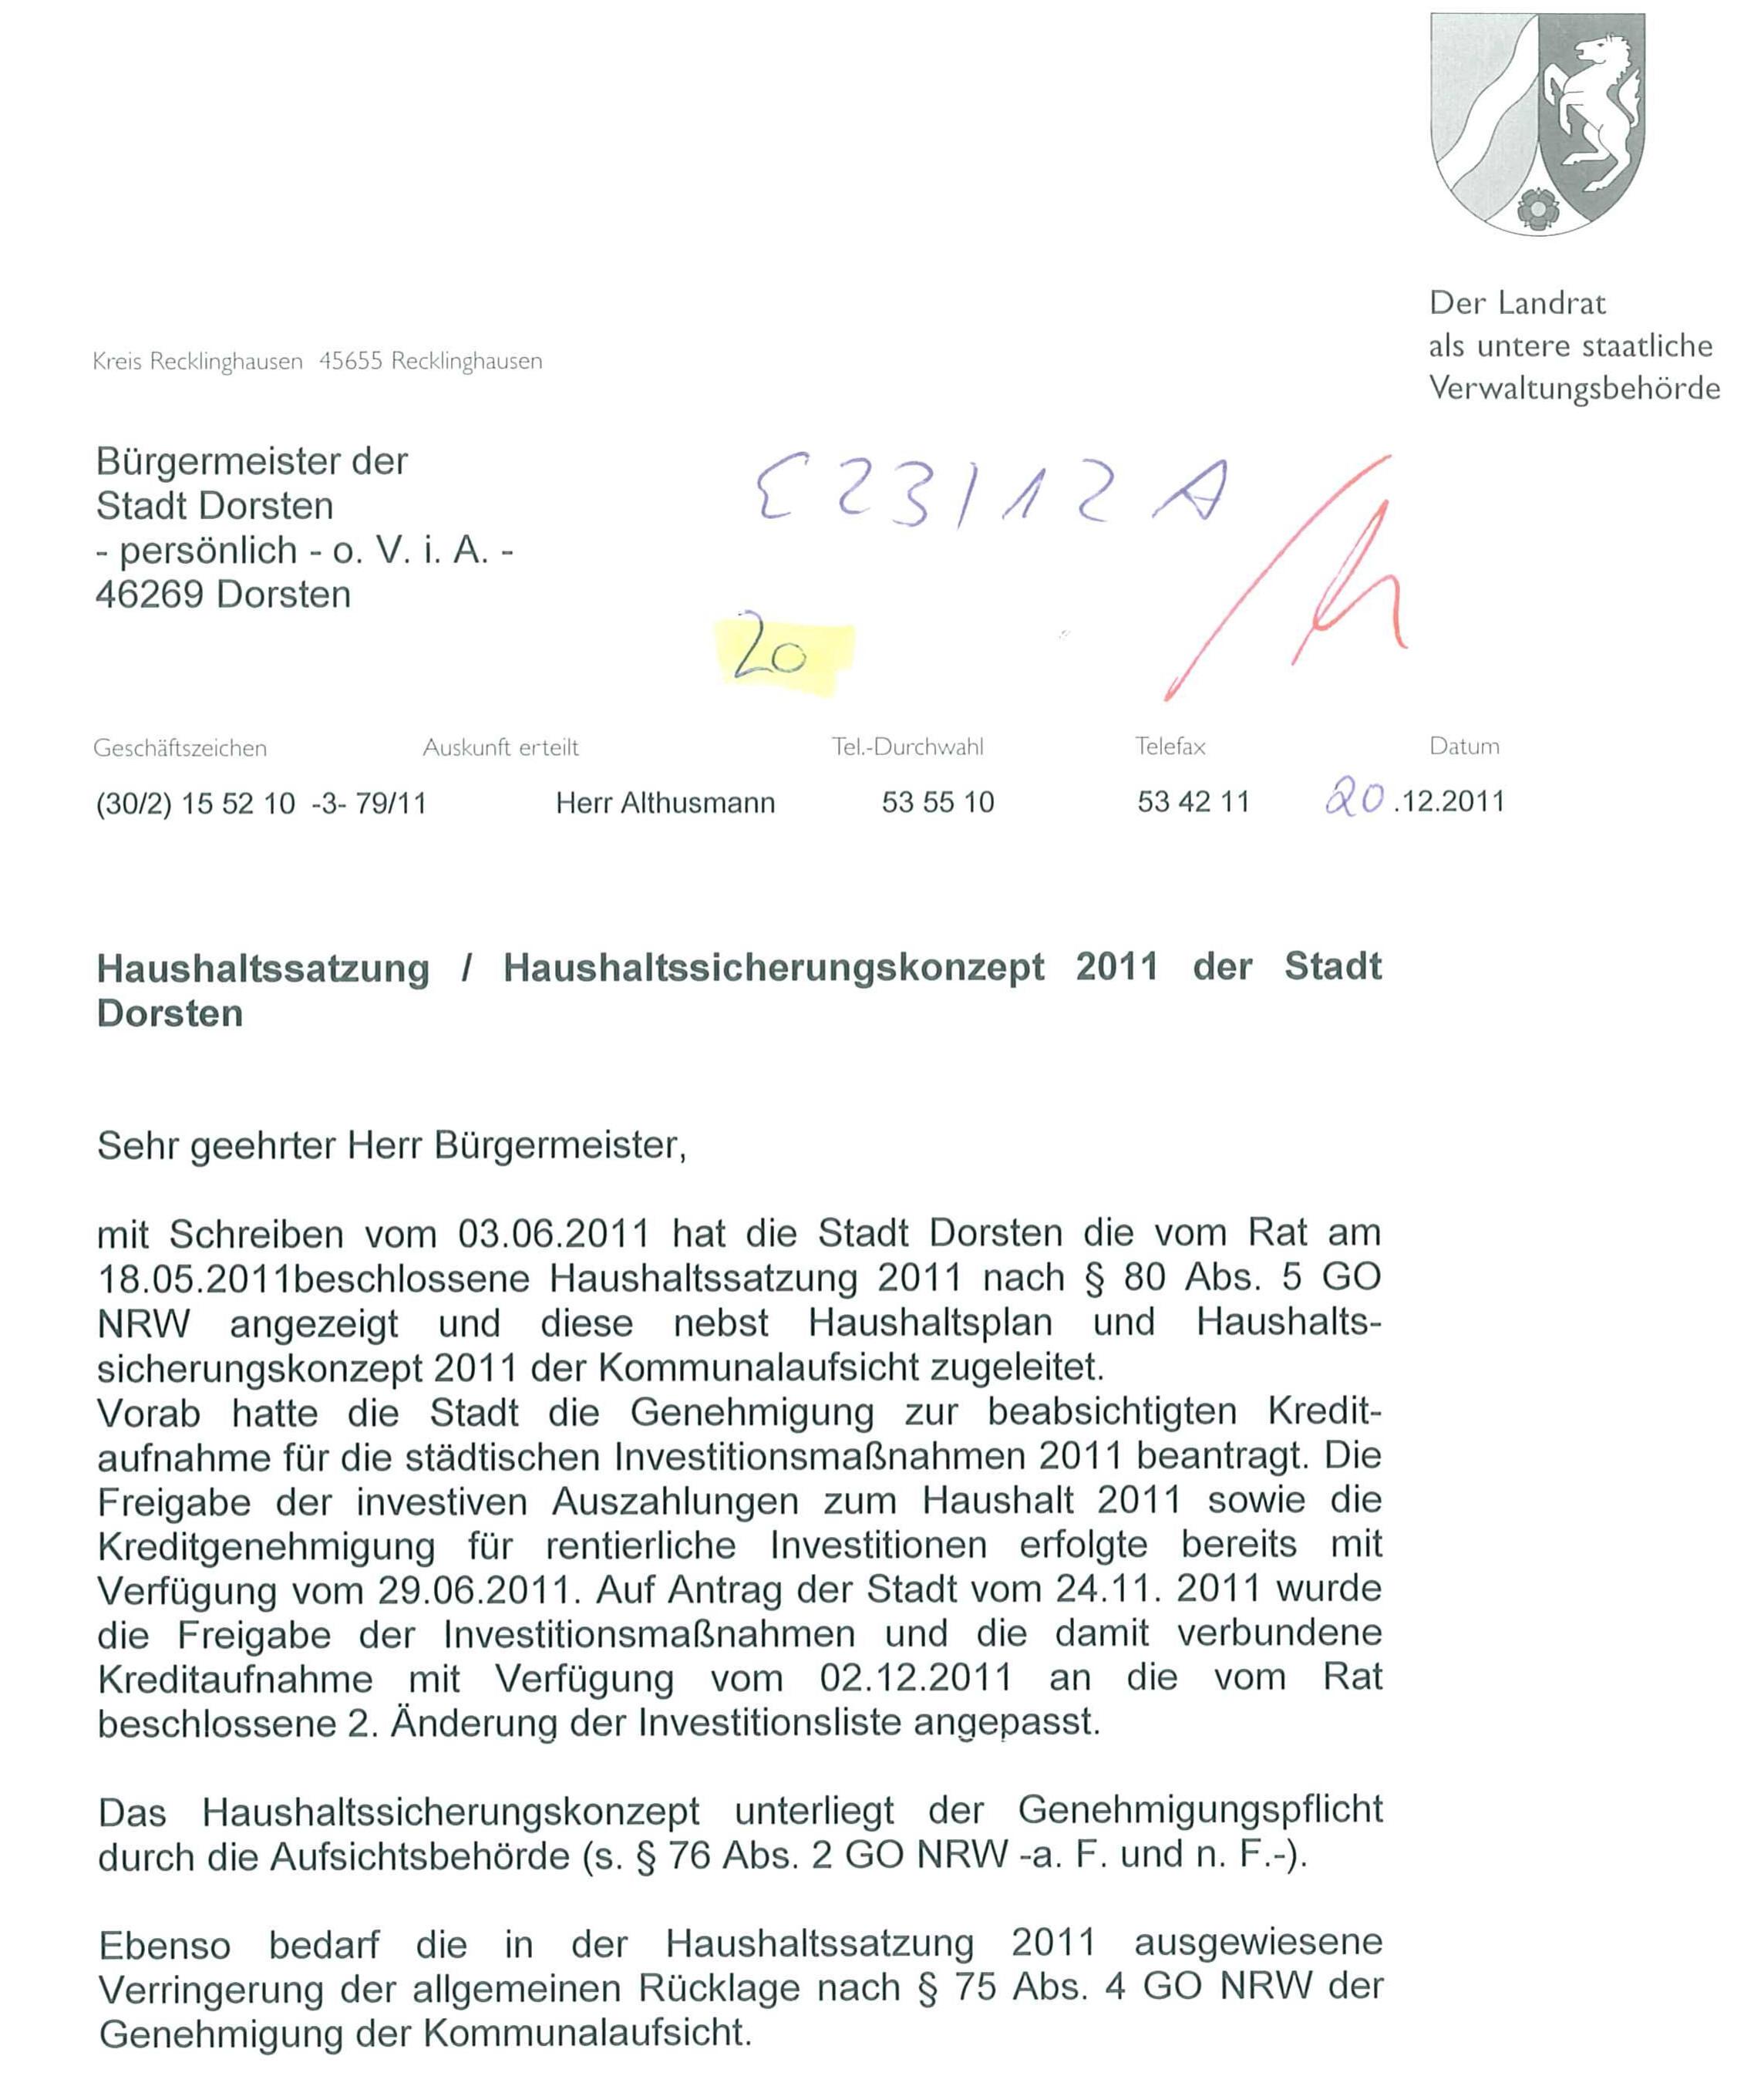 Wie der Landrat das Problem mit dem Haushalt 2011 der Stadt Dorsten ...